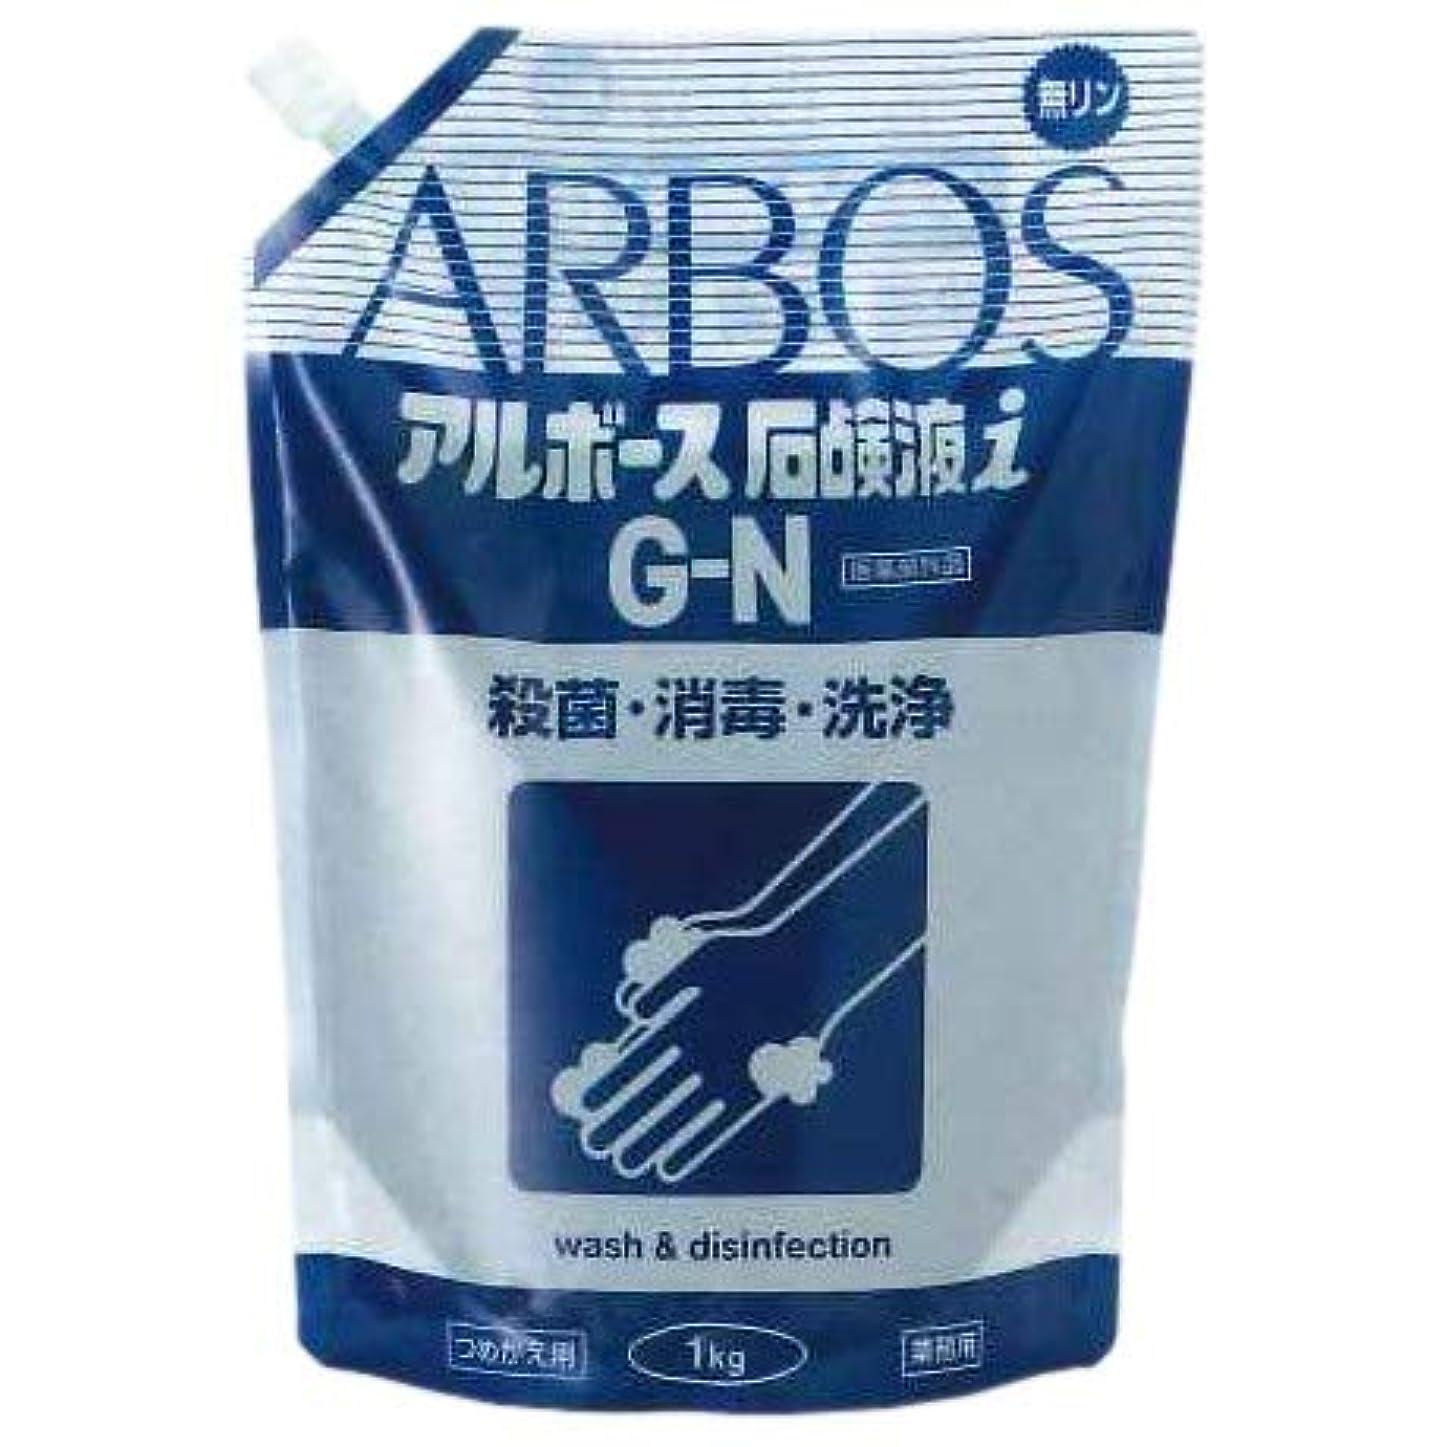 触手ファッションかけるアルボース 薬用ハンドソープ アルボース石鹸液i G-N 濃縮タイプ 1kg×18袋